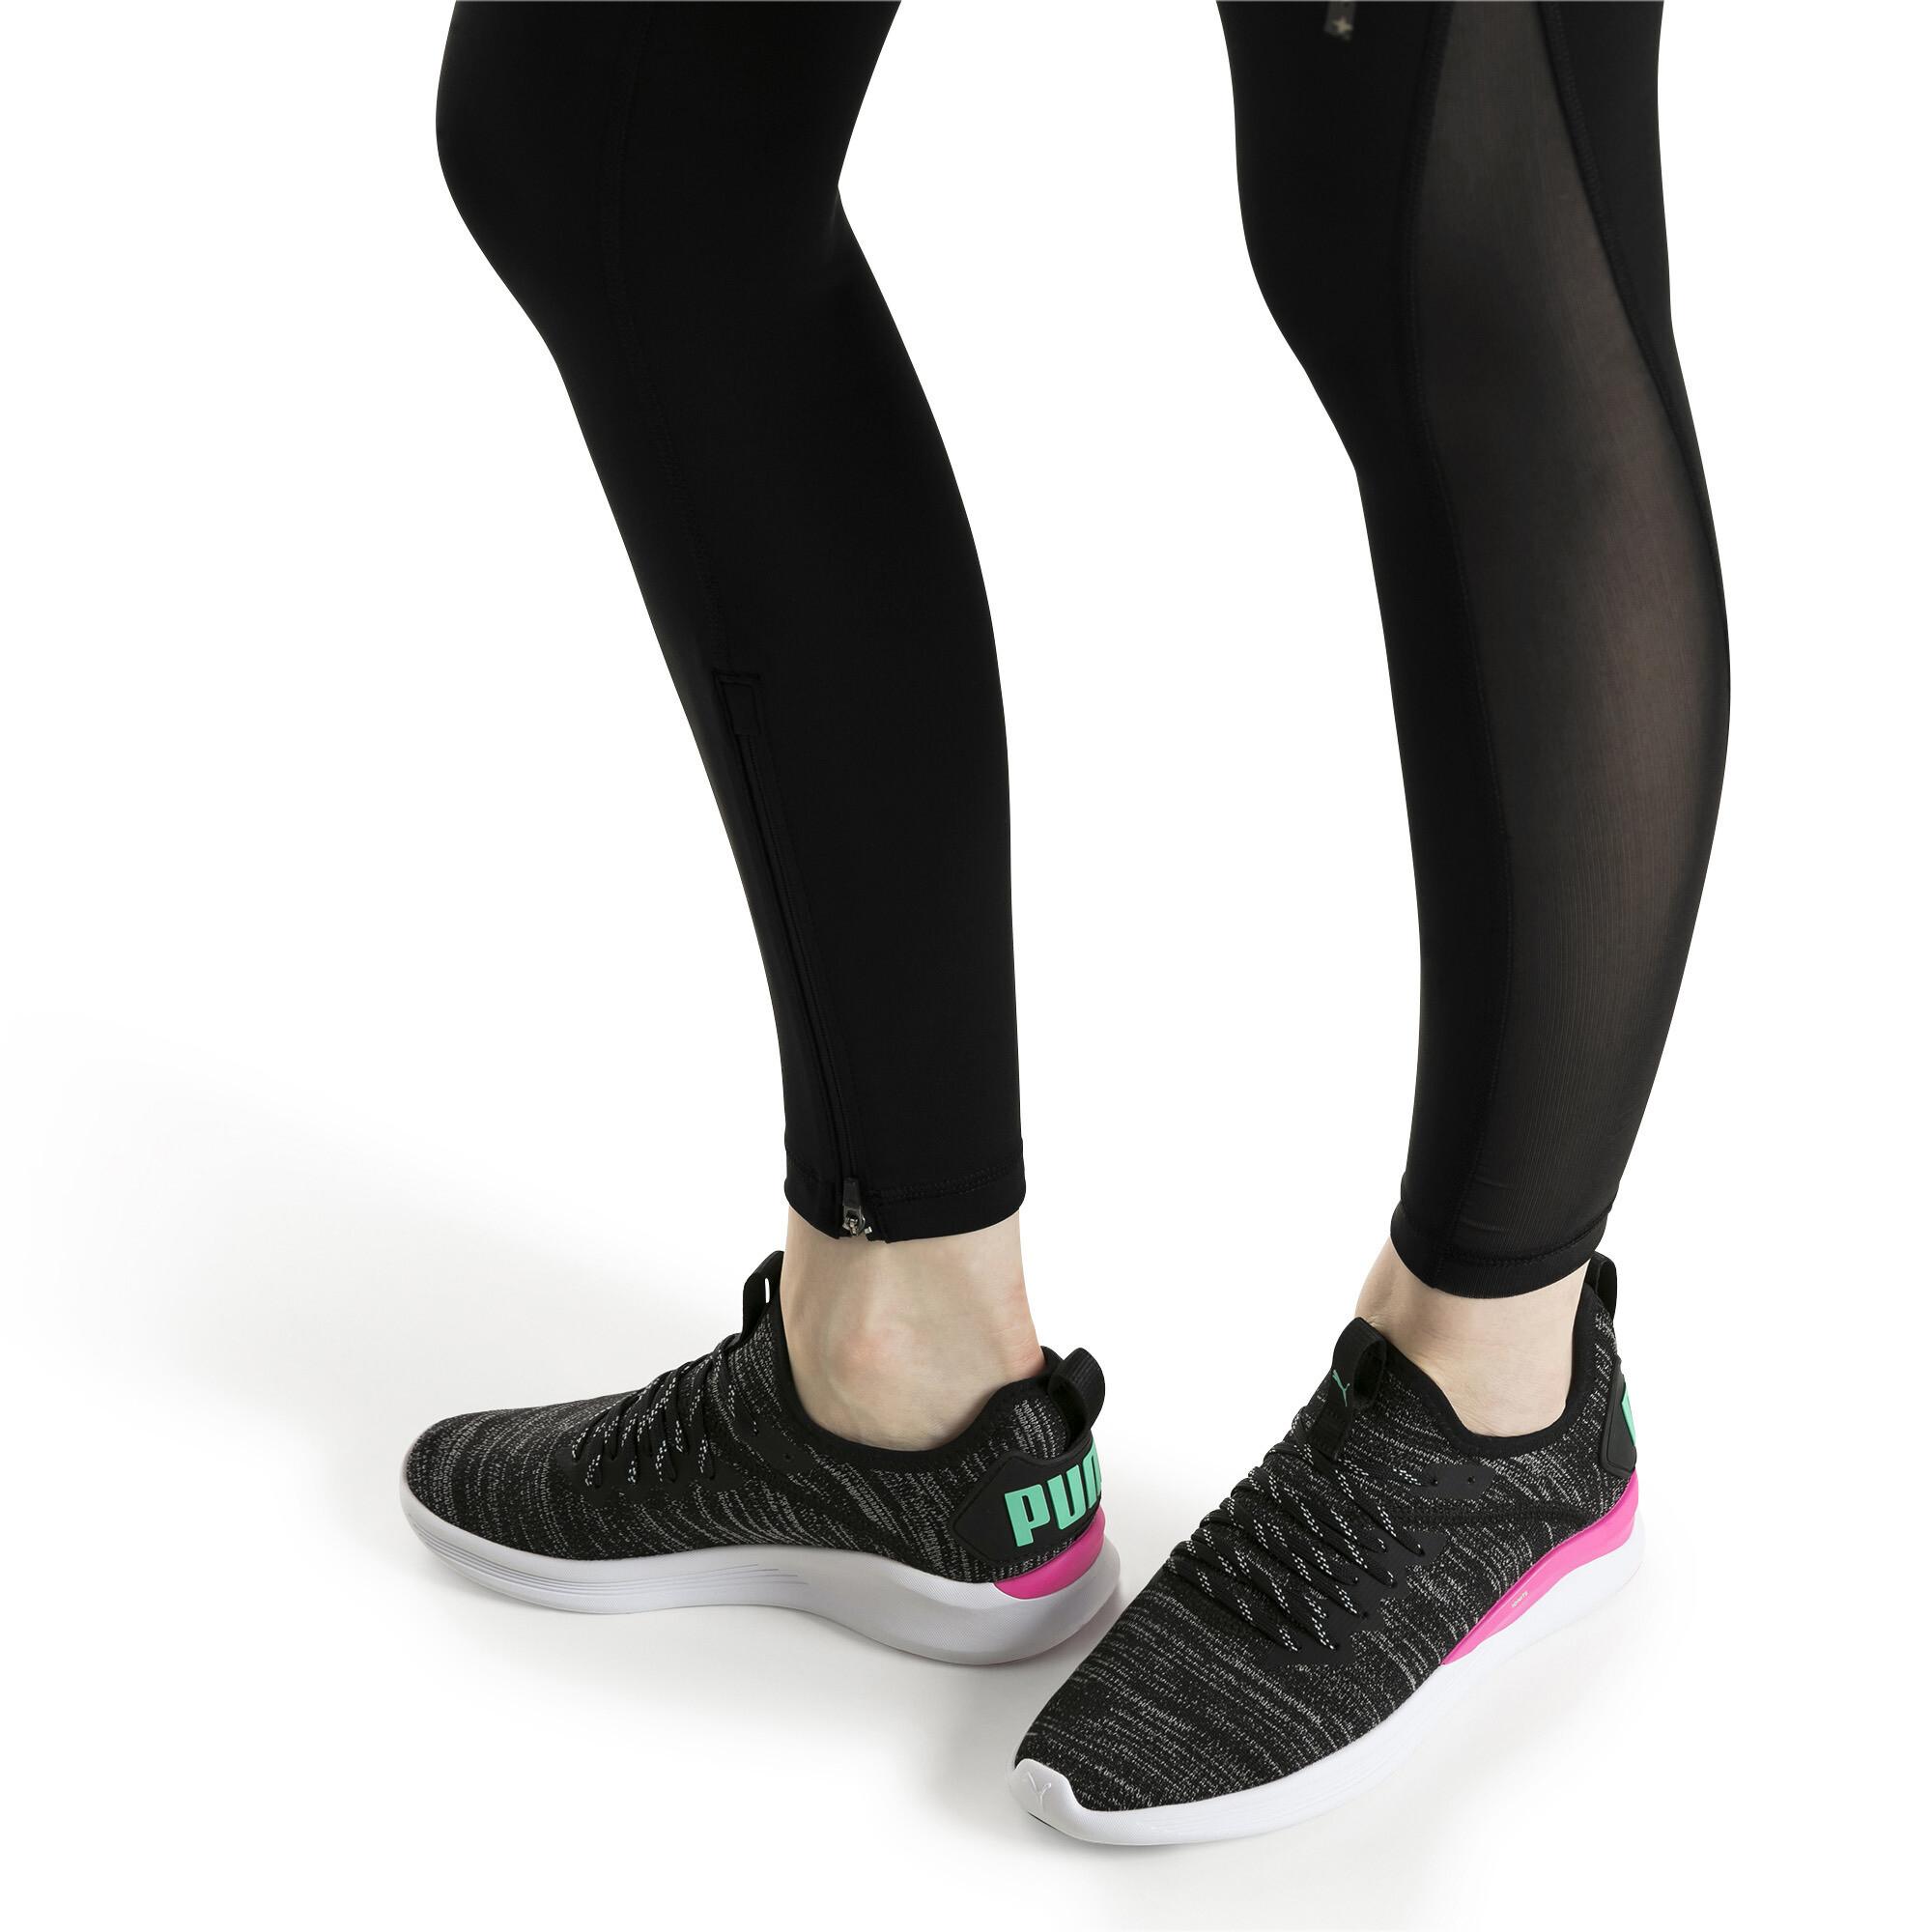 Zapatillas de entrenamiento IGNITE Flash evoKNIT para mujer